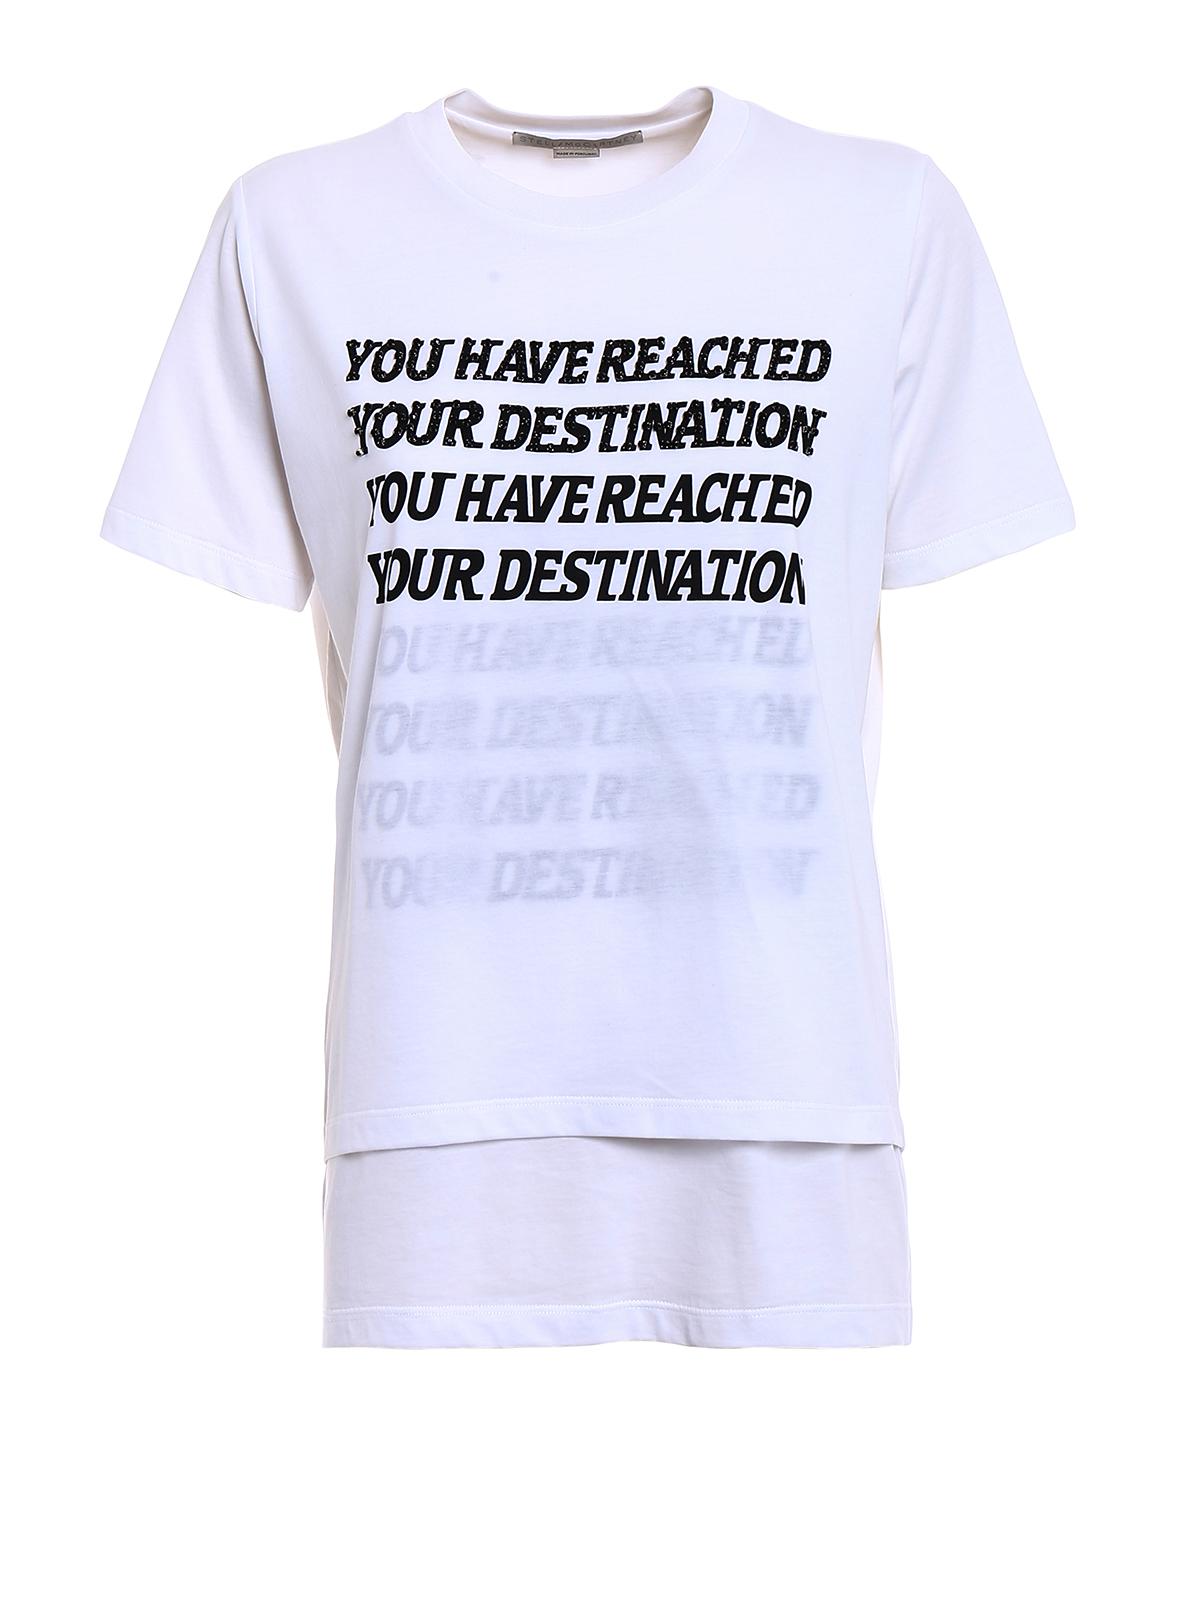 t shirt con decorazione destination stella mccartney t